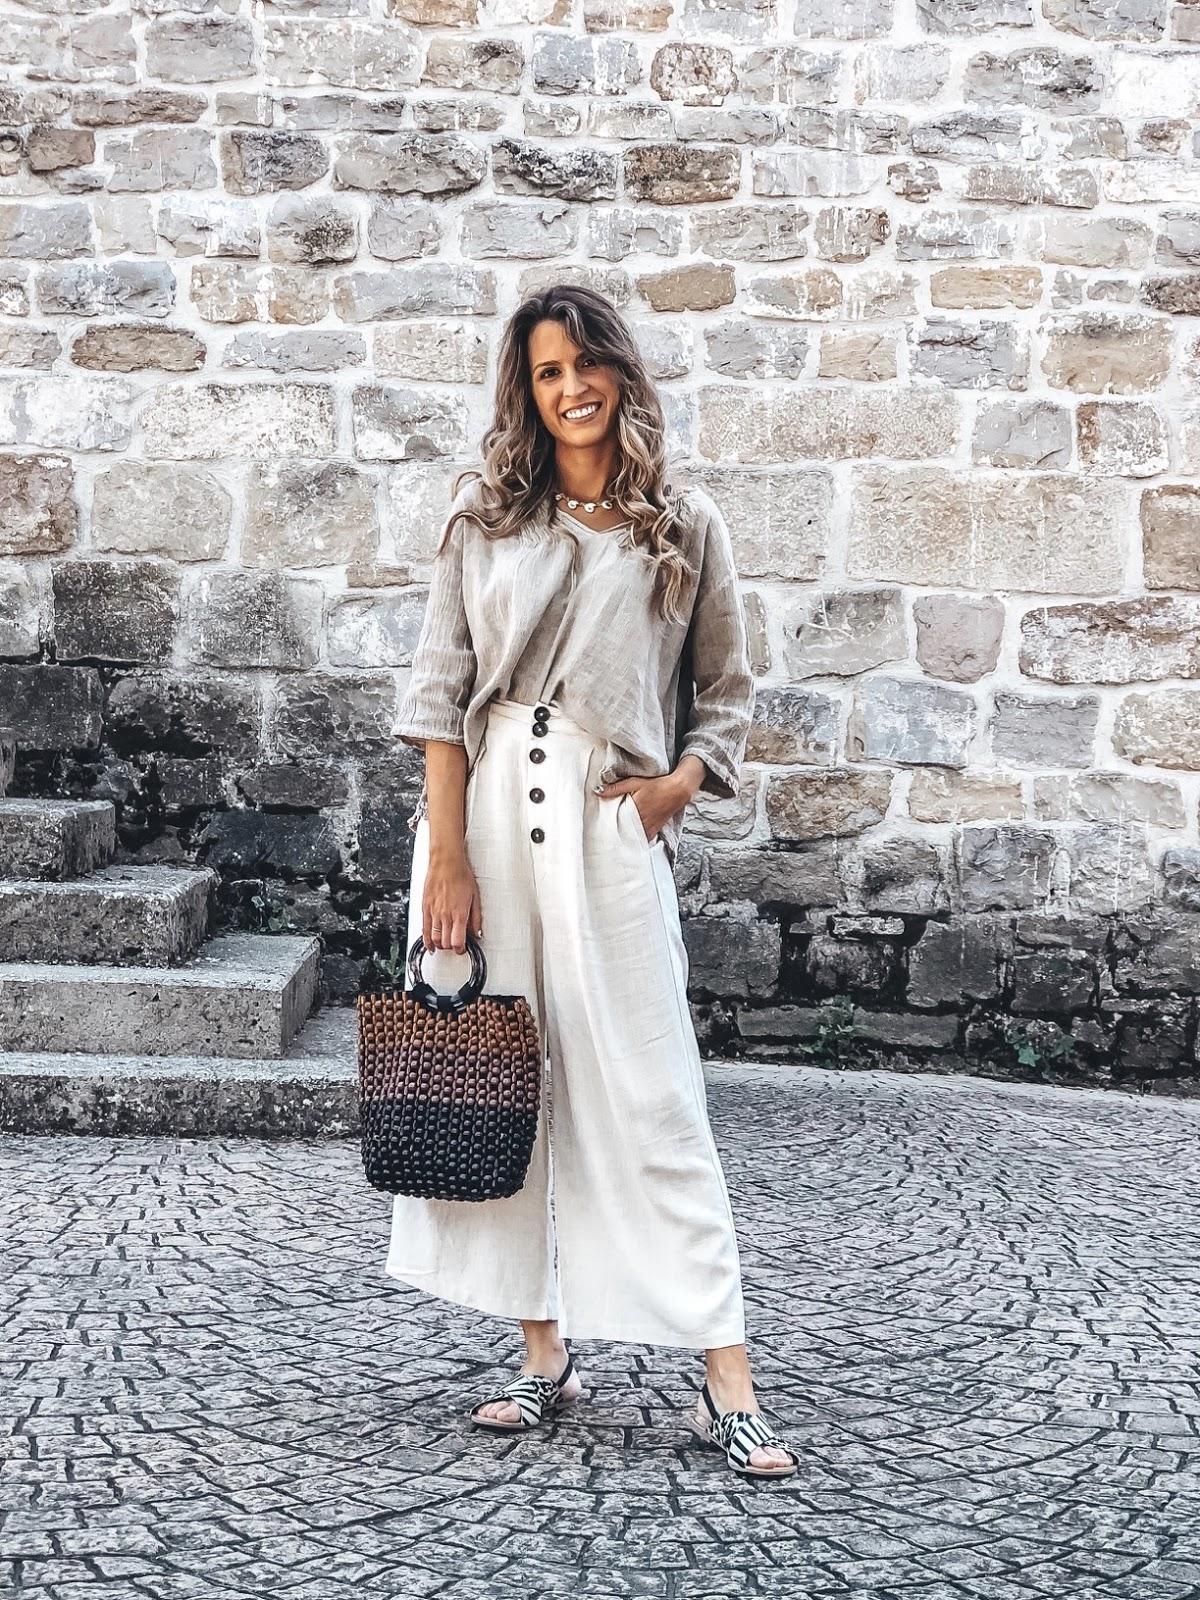 pantalones de lino con botones